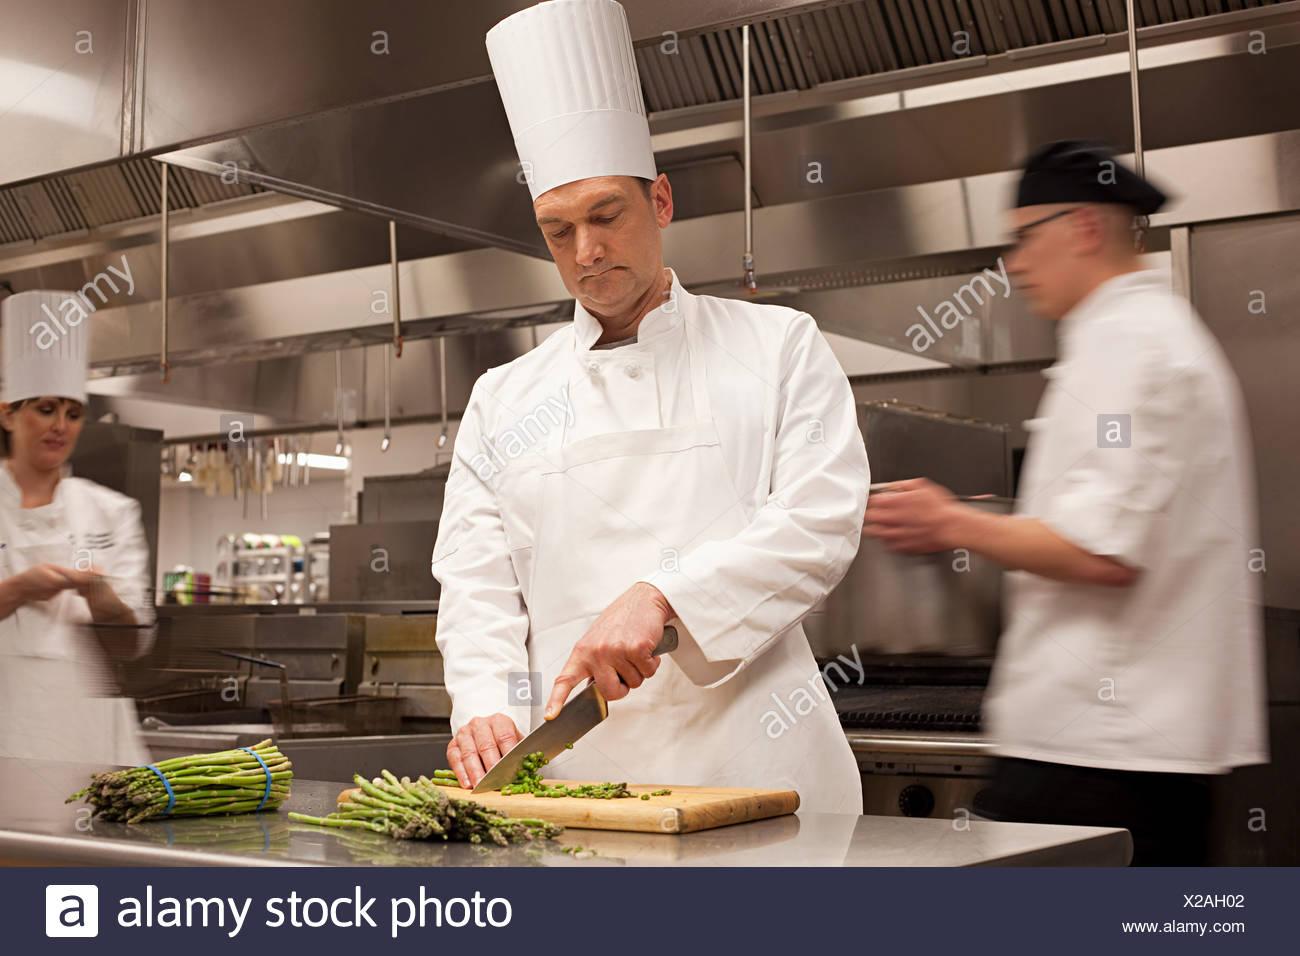 Los chefs preparando la comida en la cocina comercial Imagen De Stock